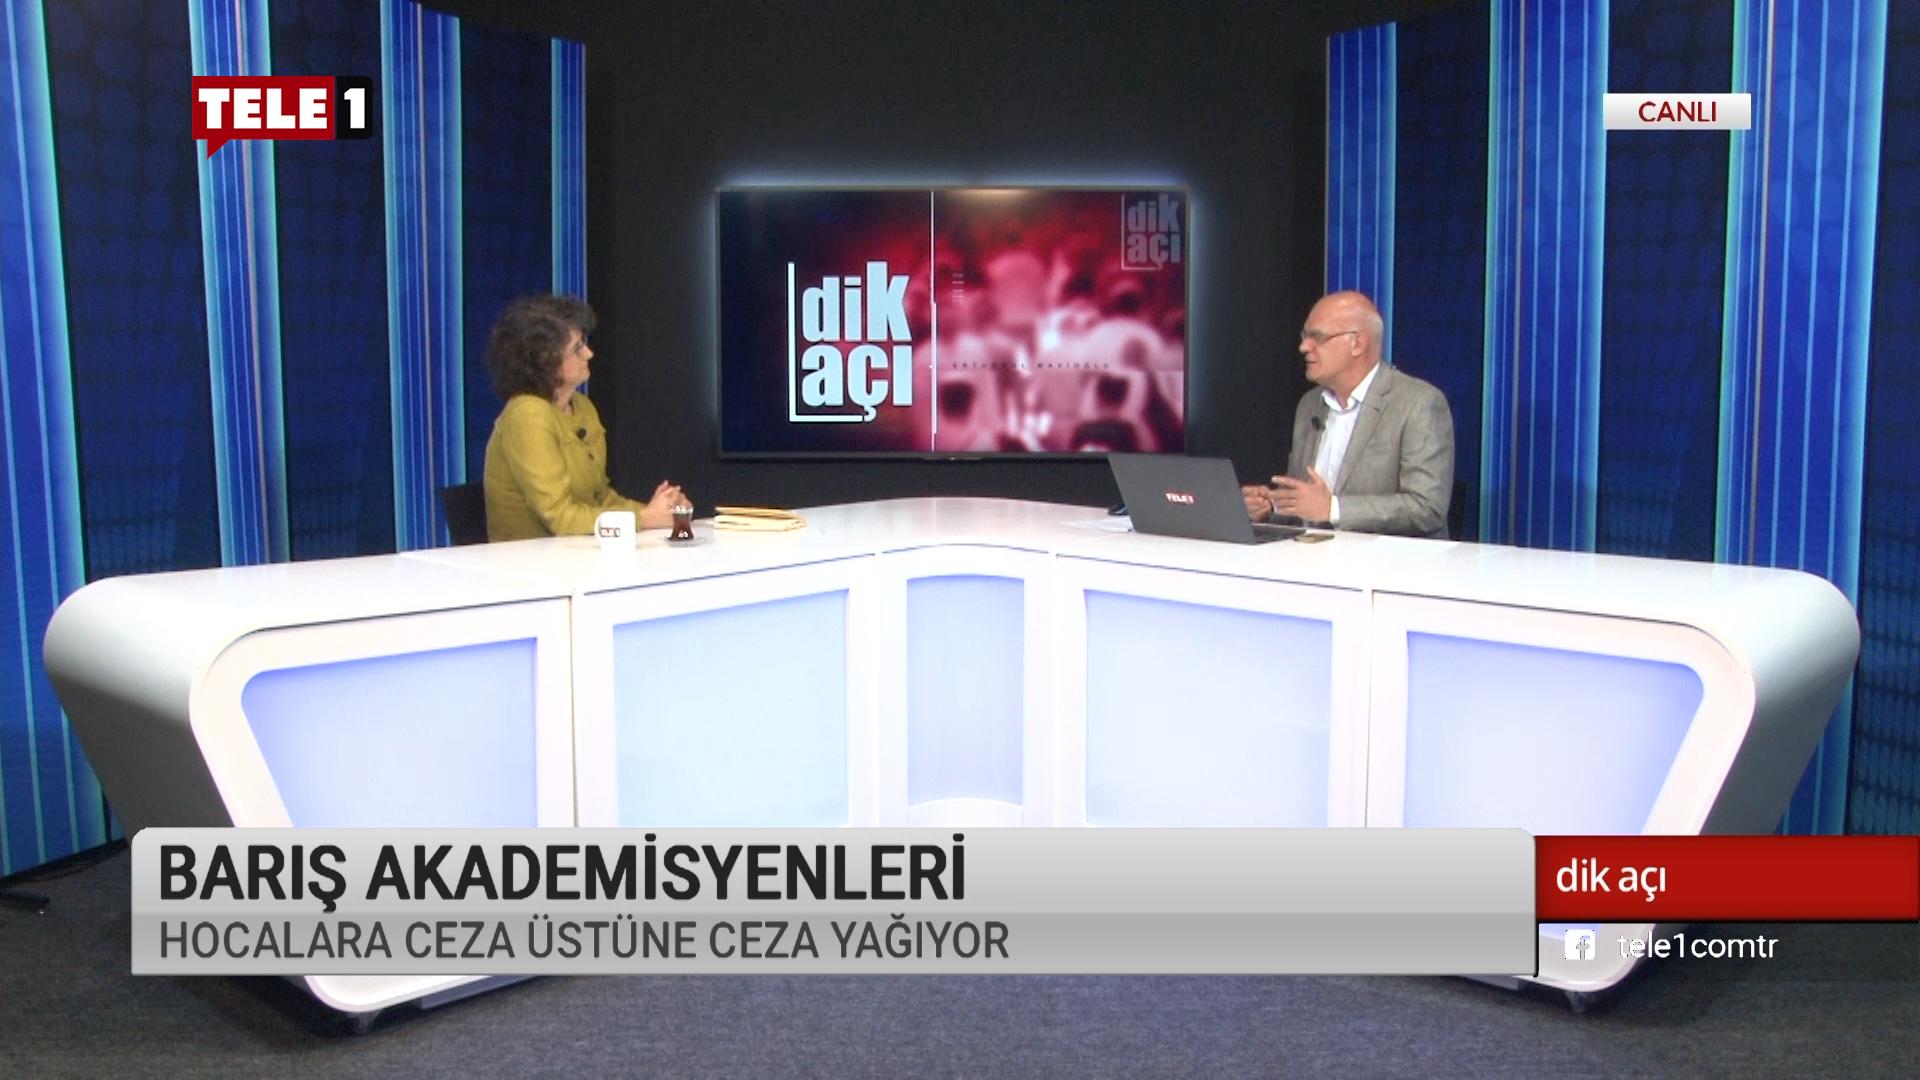 Doç. Dr. Özlem Özkan, Ertuğrul Mavioğlu – Dik Açı (25 Nisan 2019)